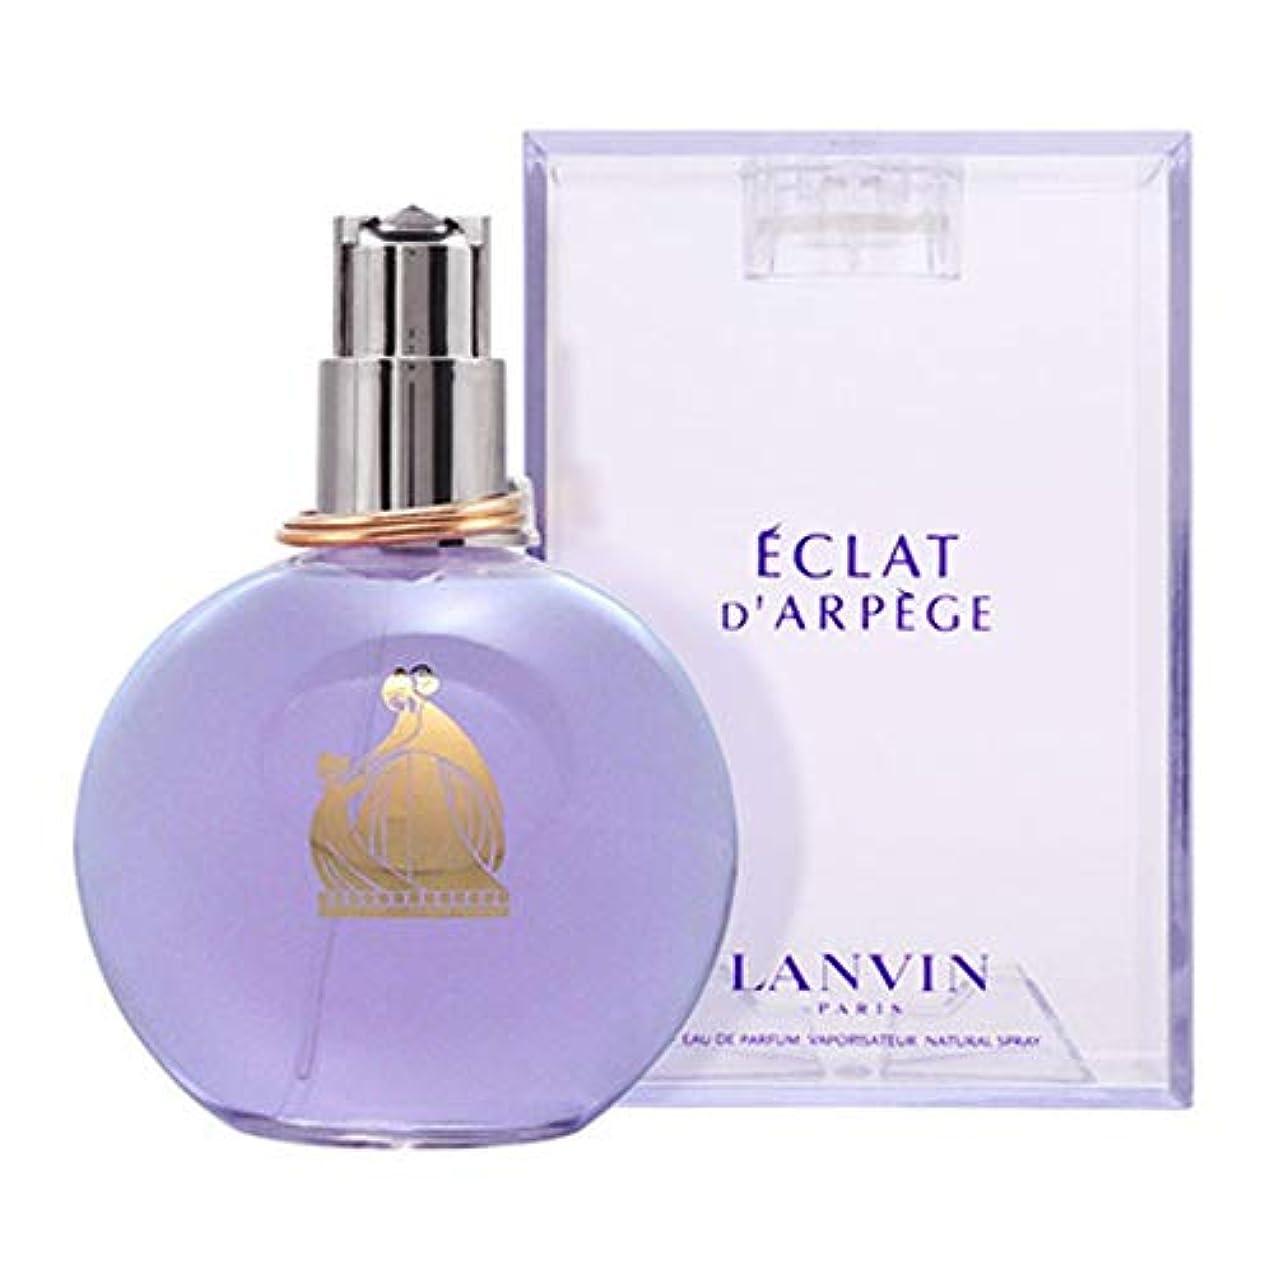 聴衆選出するピカリングランバン エクラ ドゥ アルページュ オードパルファム EDP 50mL 香水